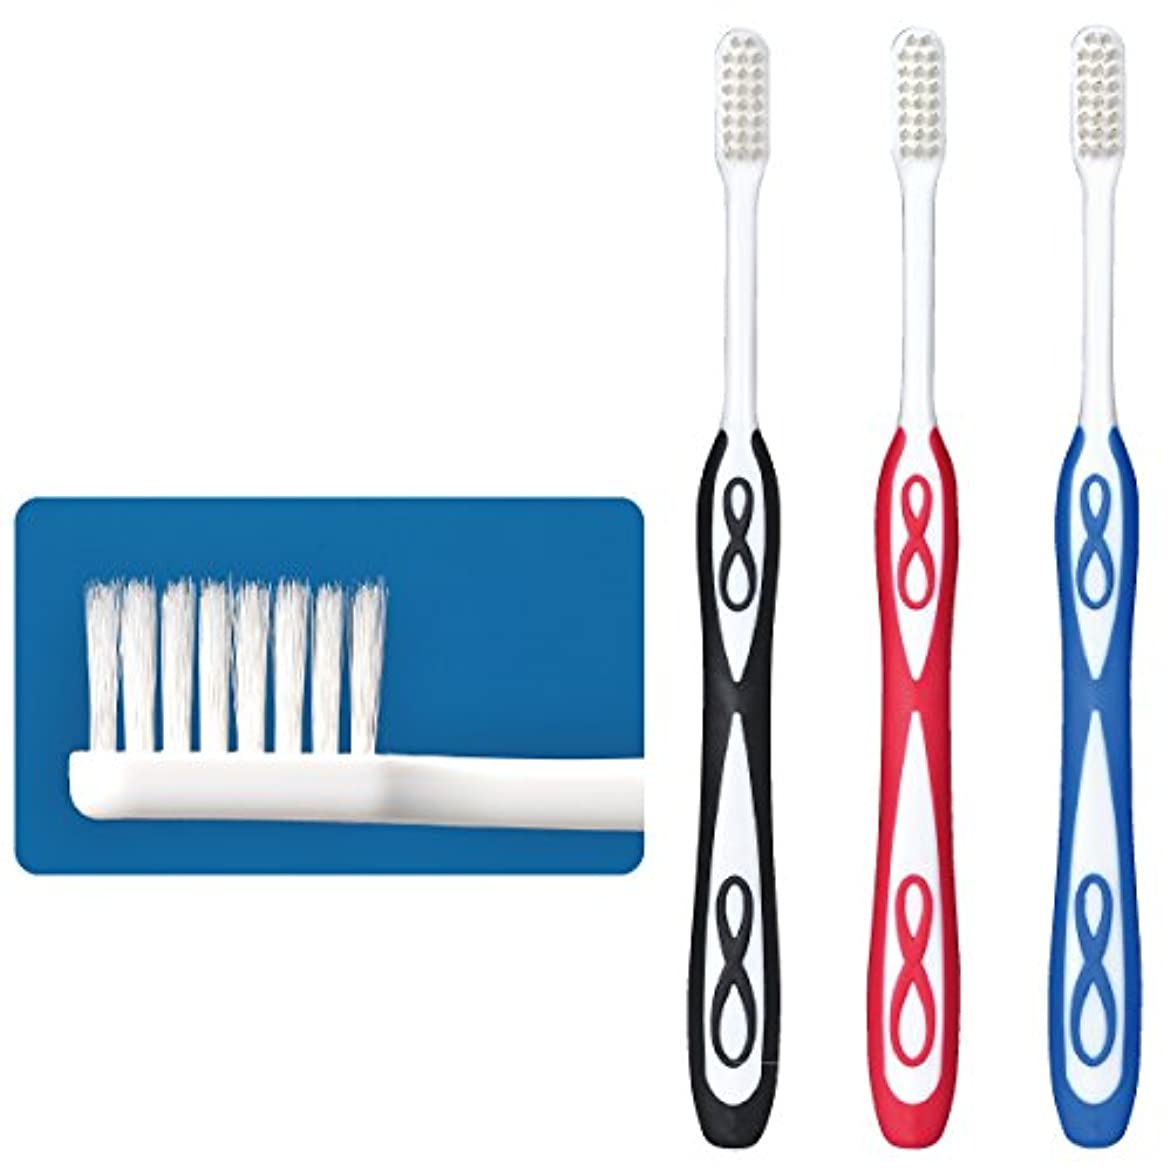 ゴミ箱を空にする断言する受取人Lover8(ラバーエイト)歯ブラシ レギュラータイプ オールテーパー毛 Mふつう 3本入